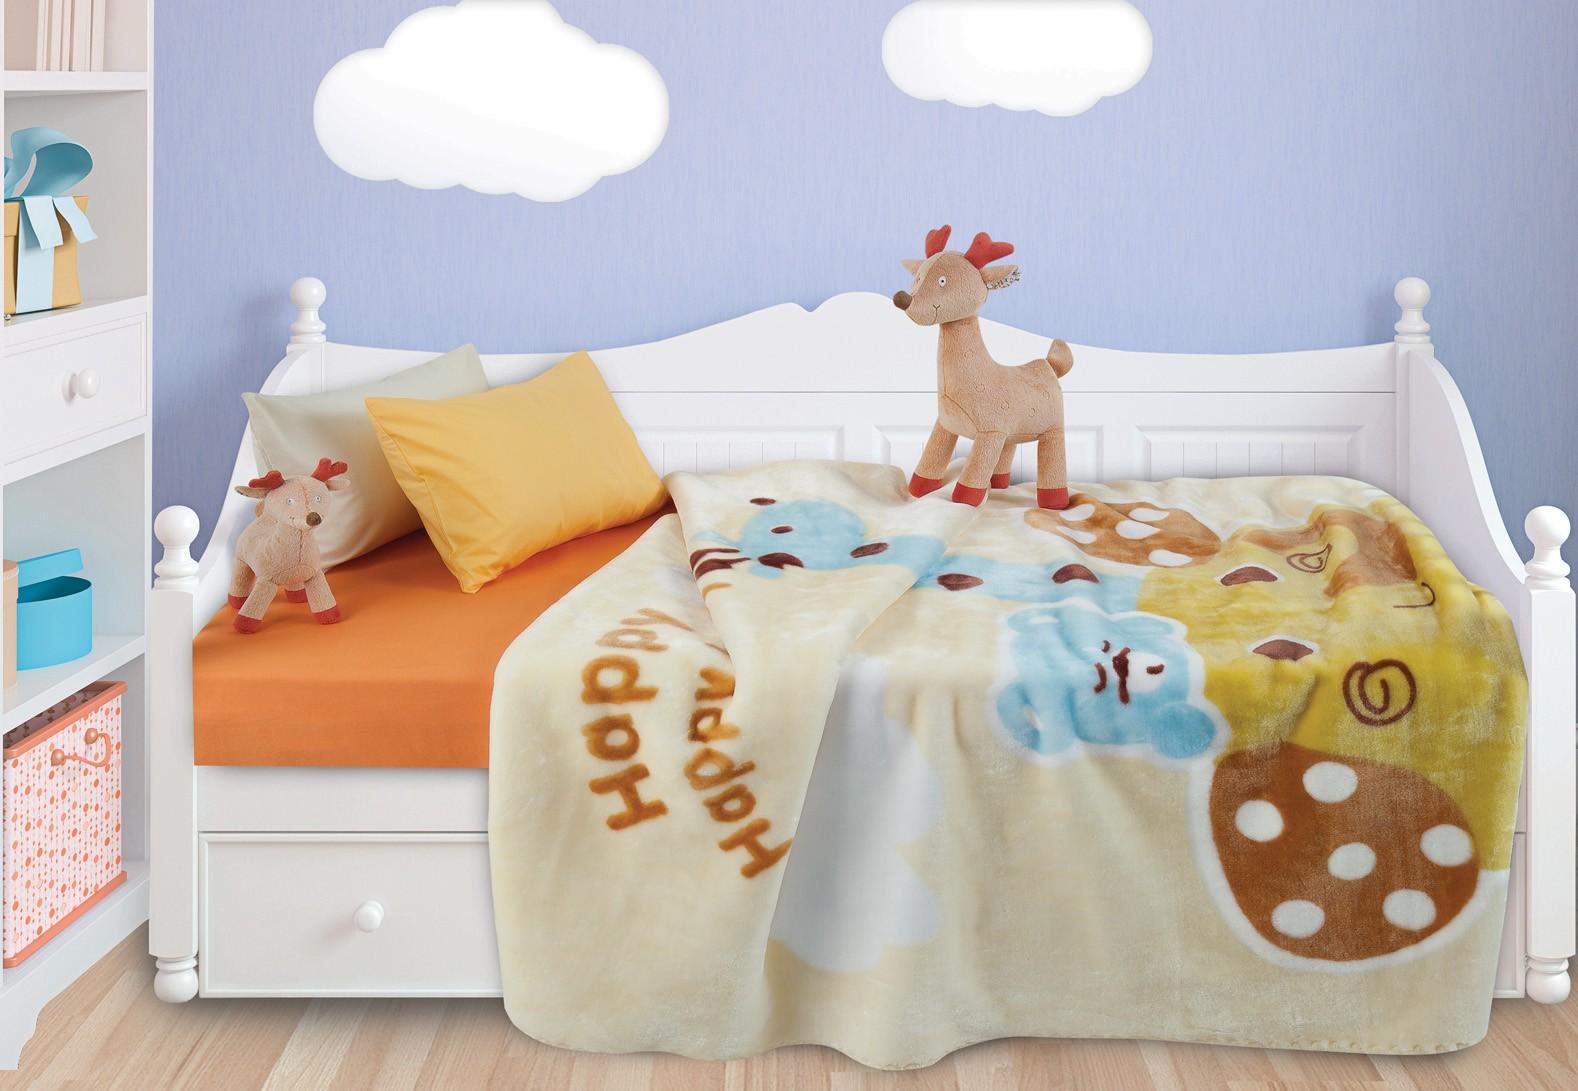 Κουβέρτα Βελουτέ Κούνιας Das Home Relax Line 6310 home   βρεφικά   κουβέρτες βρεφικές   κουβέρτες βελουτέ